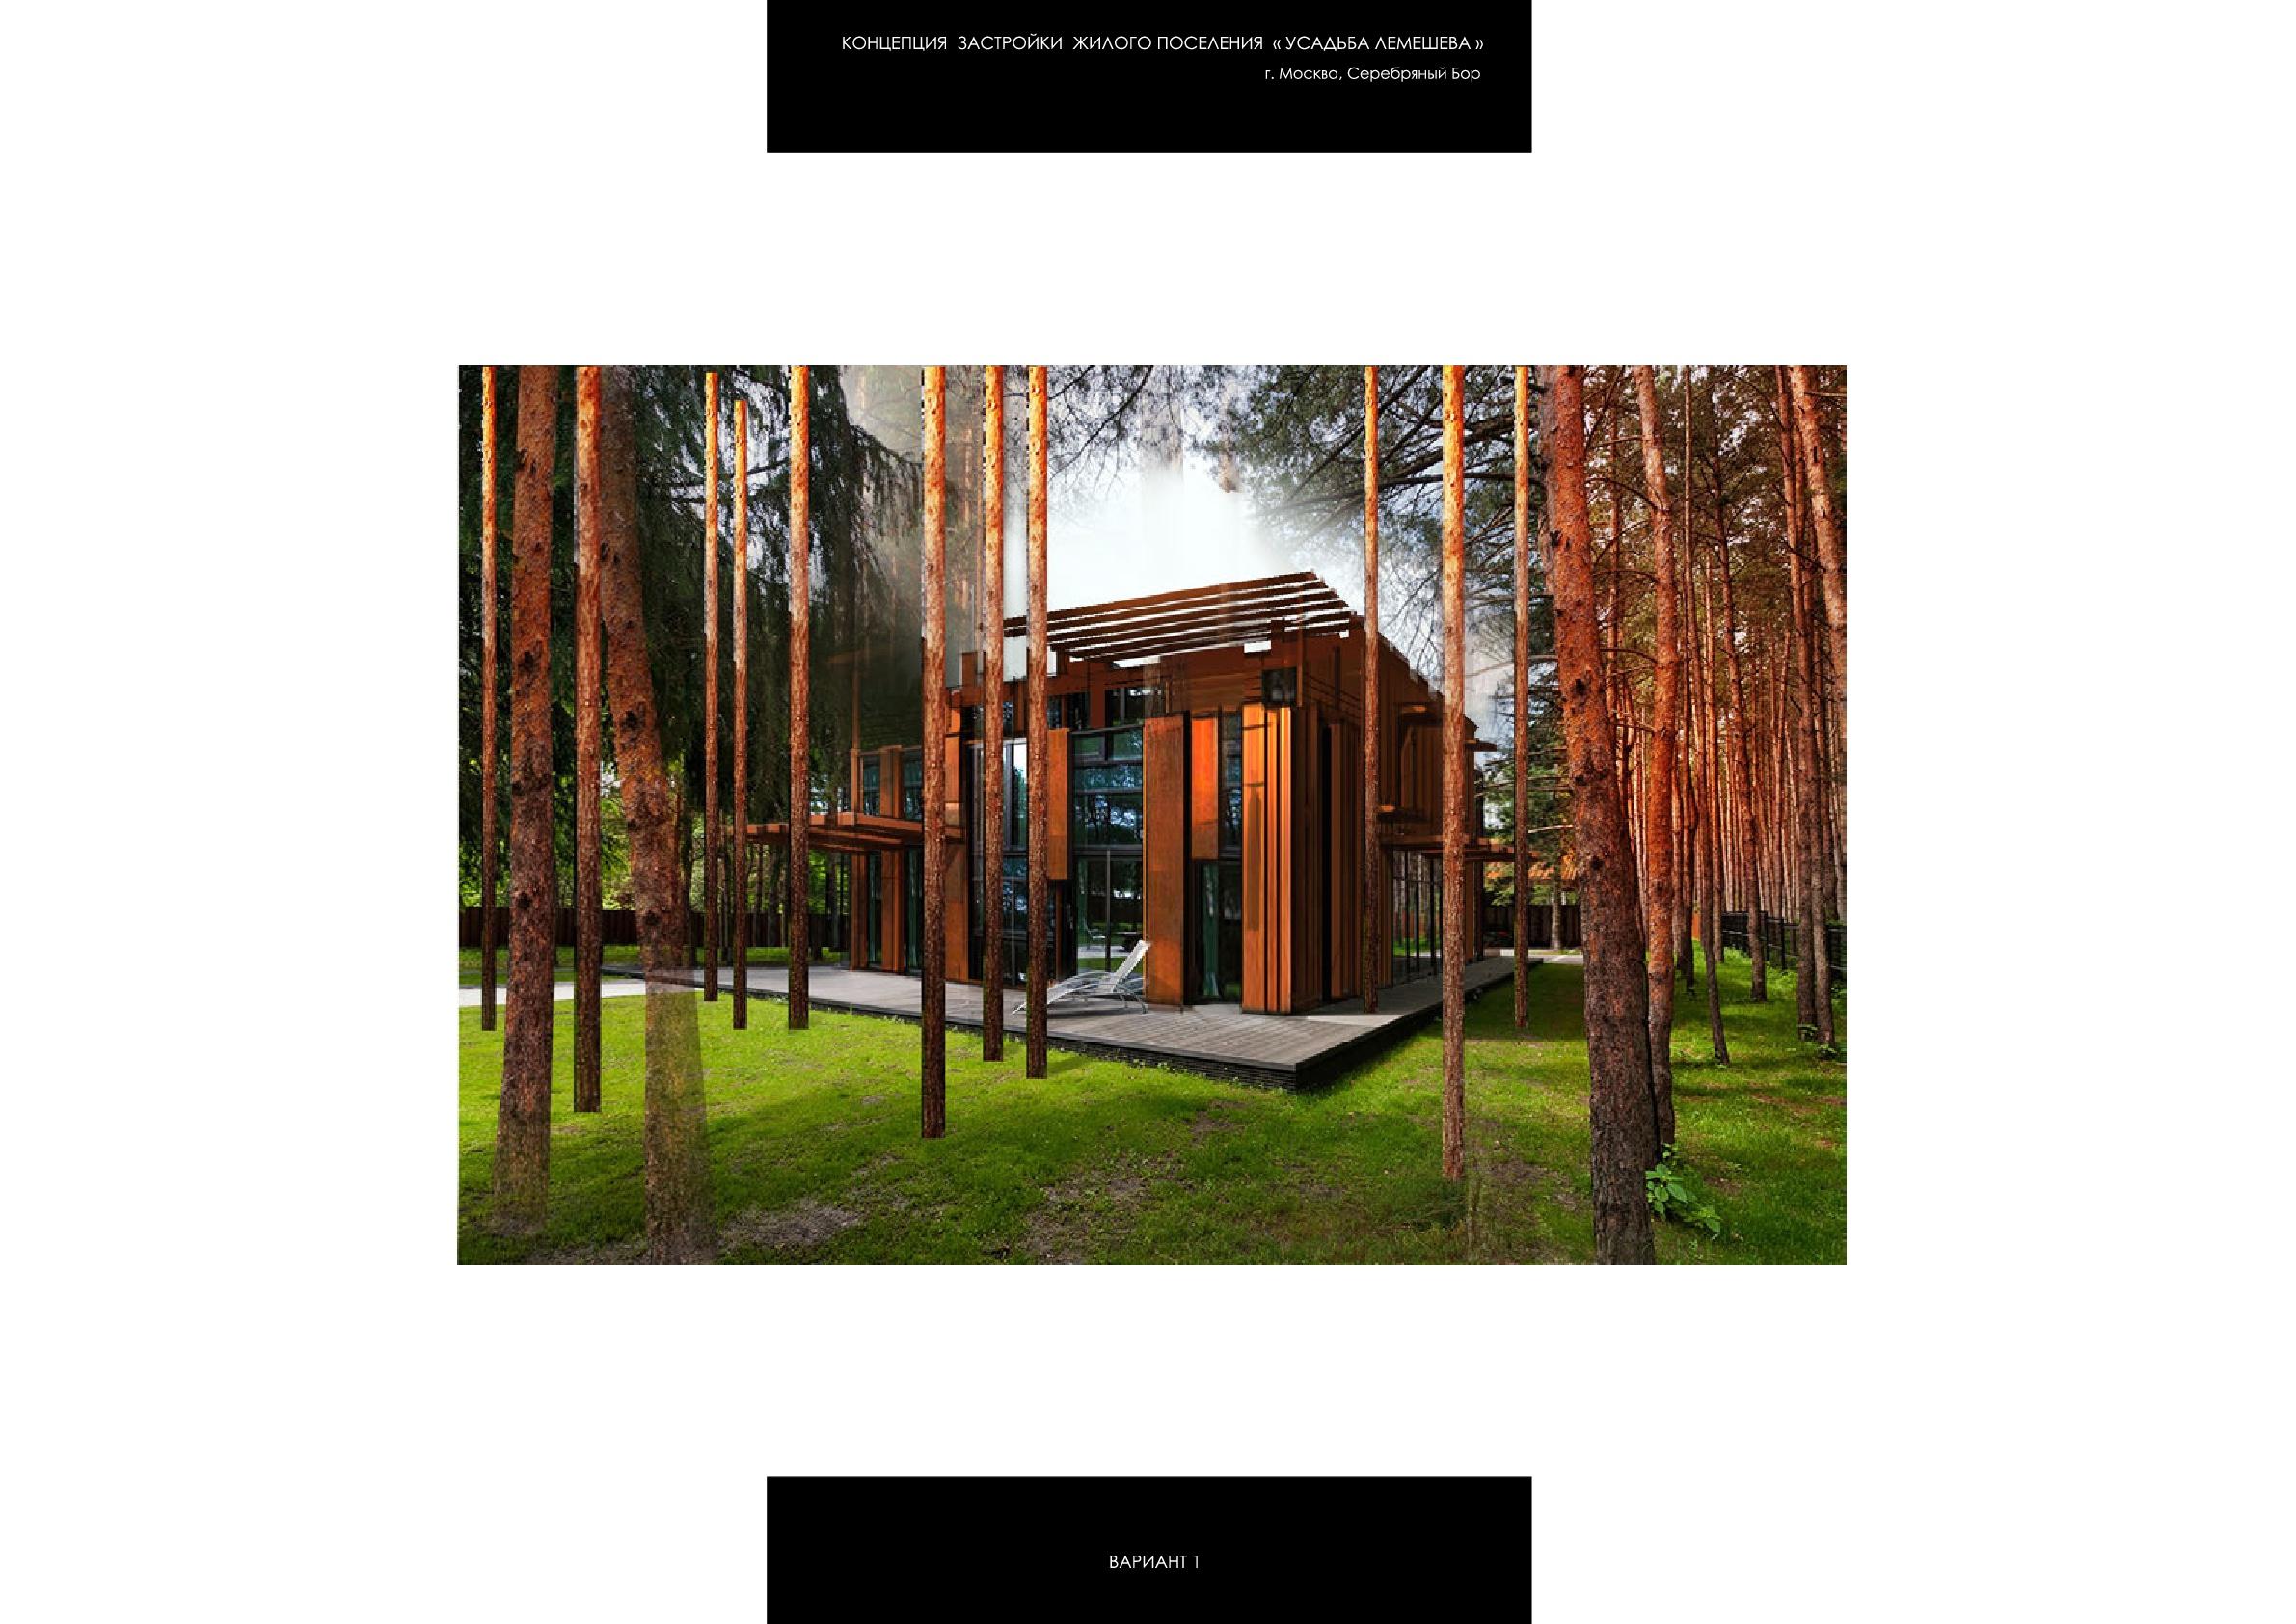 Экологичная концепция поселка «Усадьба Лемешева»